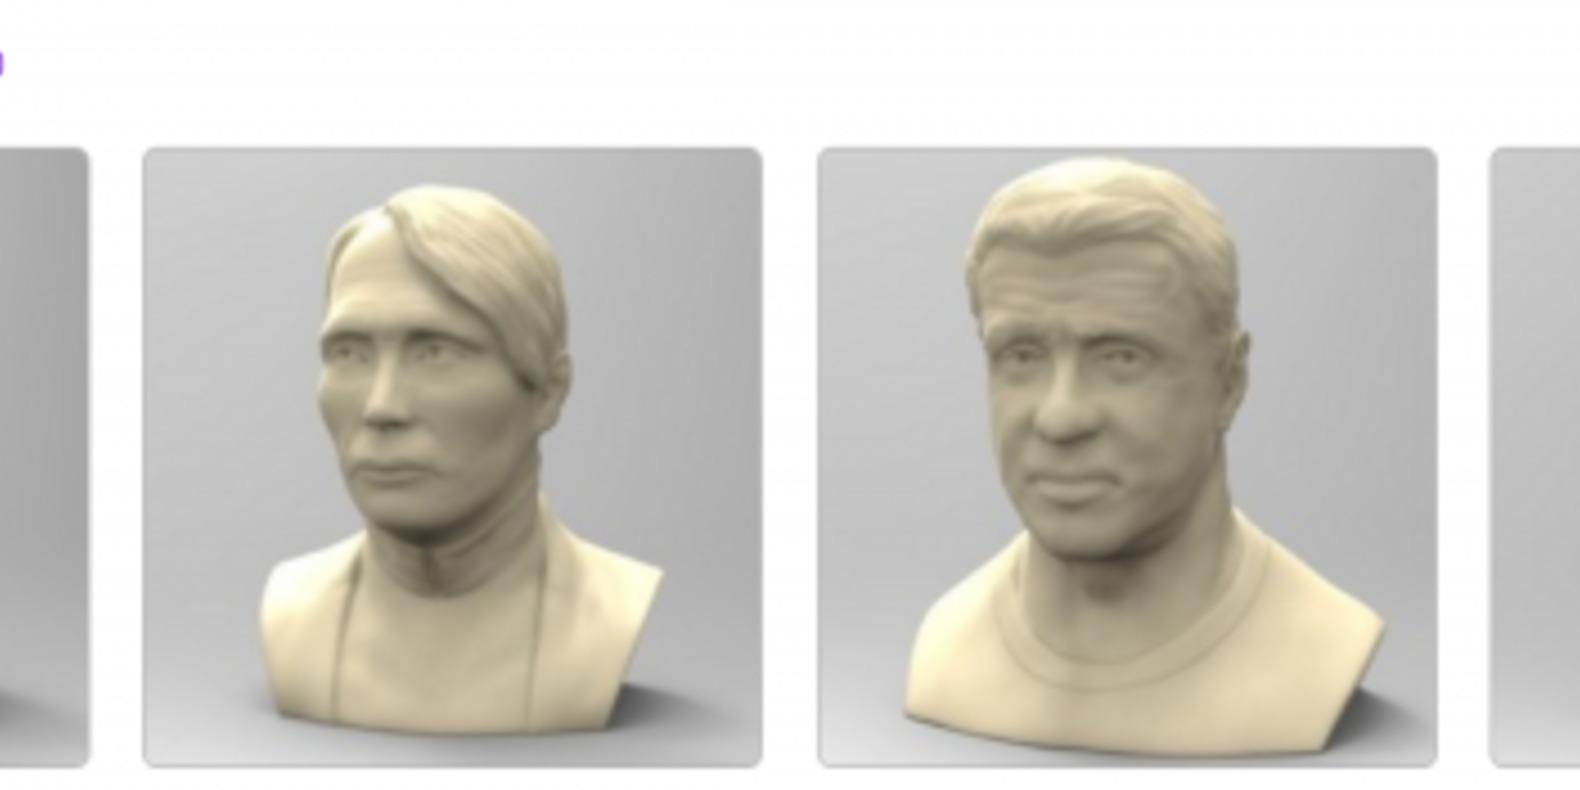 http://fichier3d.fr/wp-content/uploads/2017/01/Thierry-3D-fichier-3D-modèle-3D-impression-3D-imprimante-3D-3D-printing-3D-model-3D-file-Design-Design-3D2.png